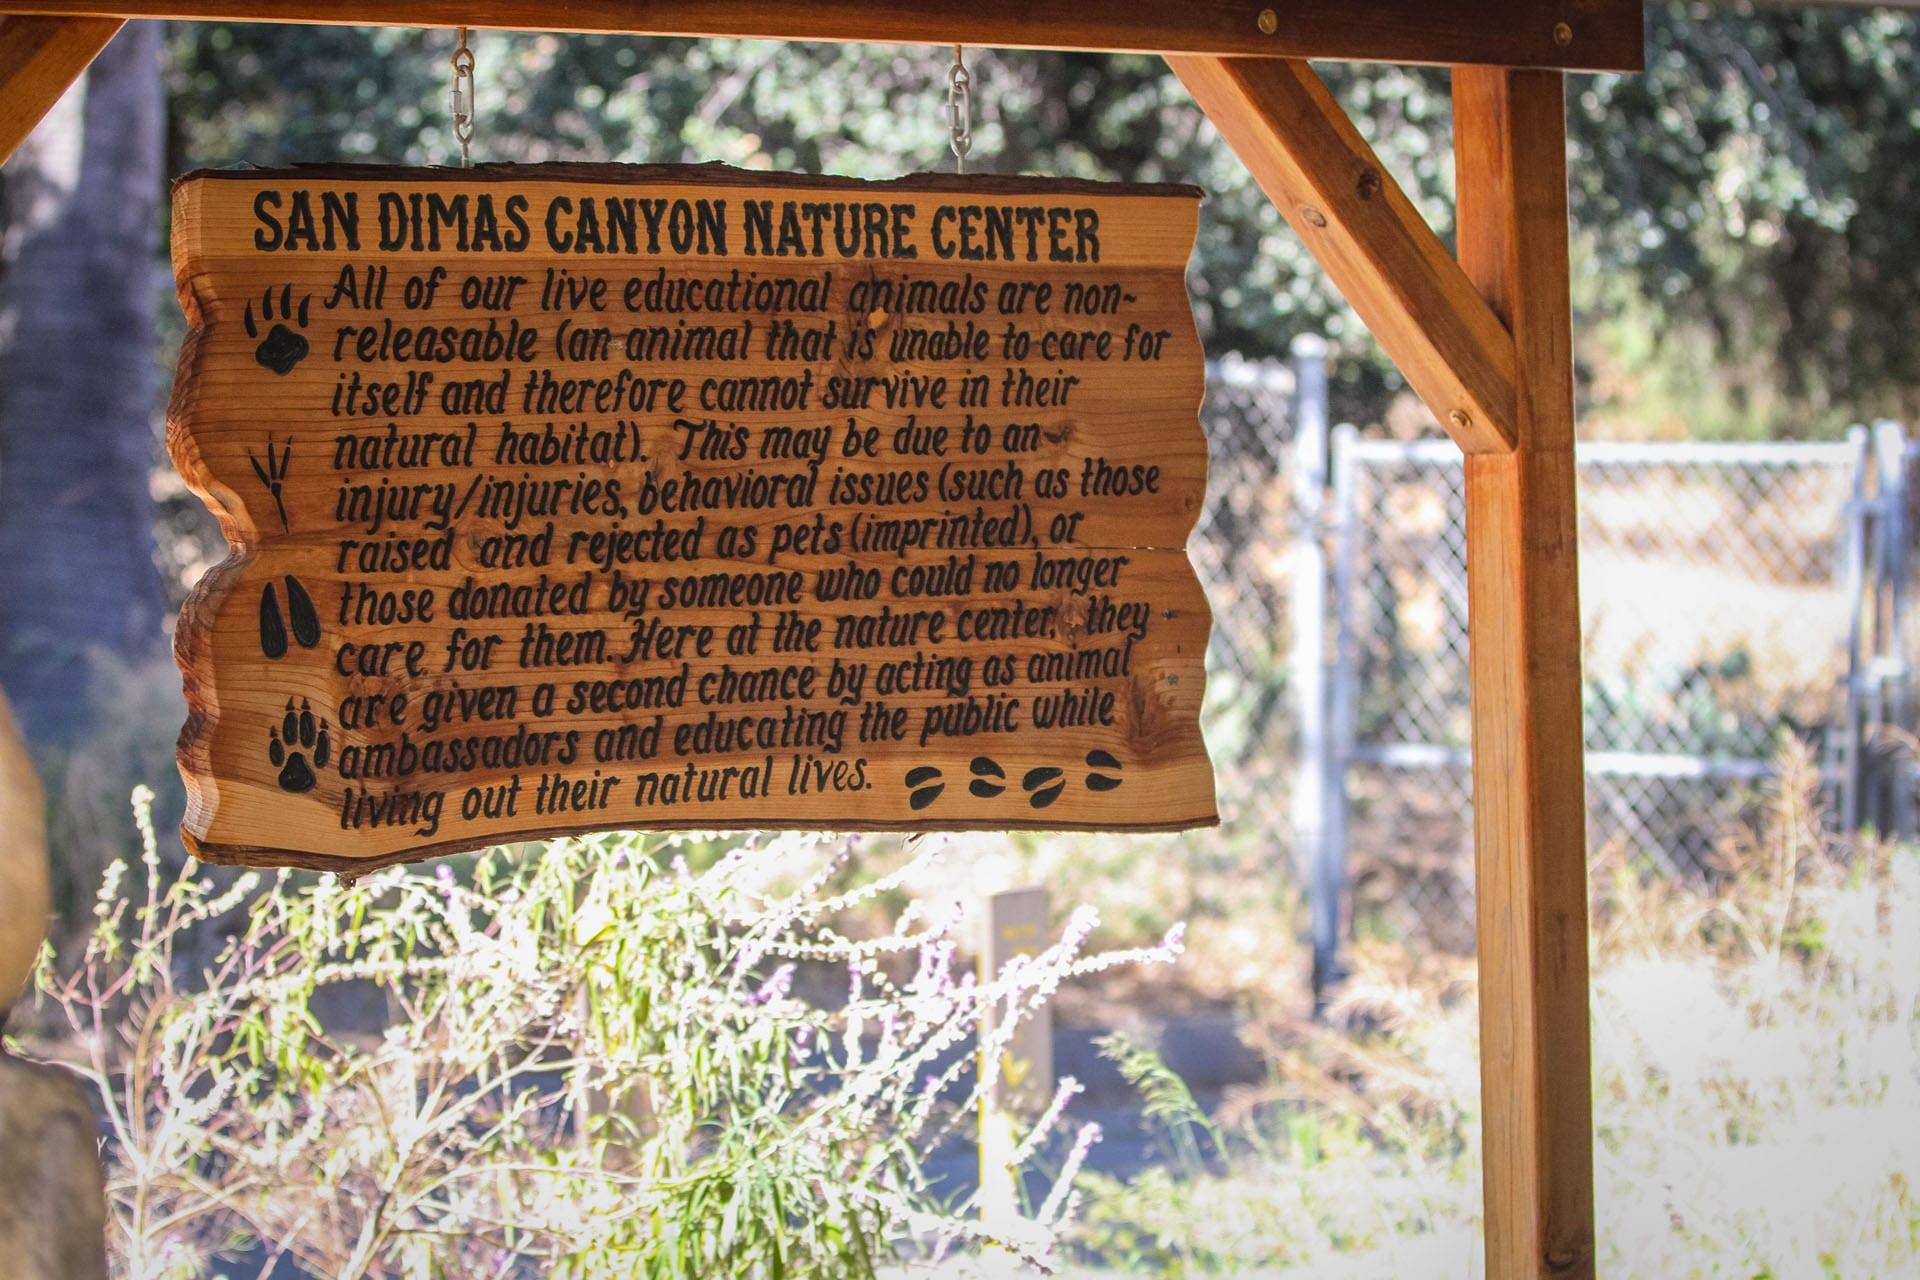 San Dimas Canyon Nature Center informational sign